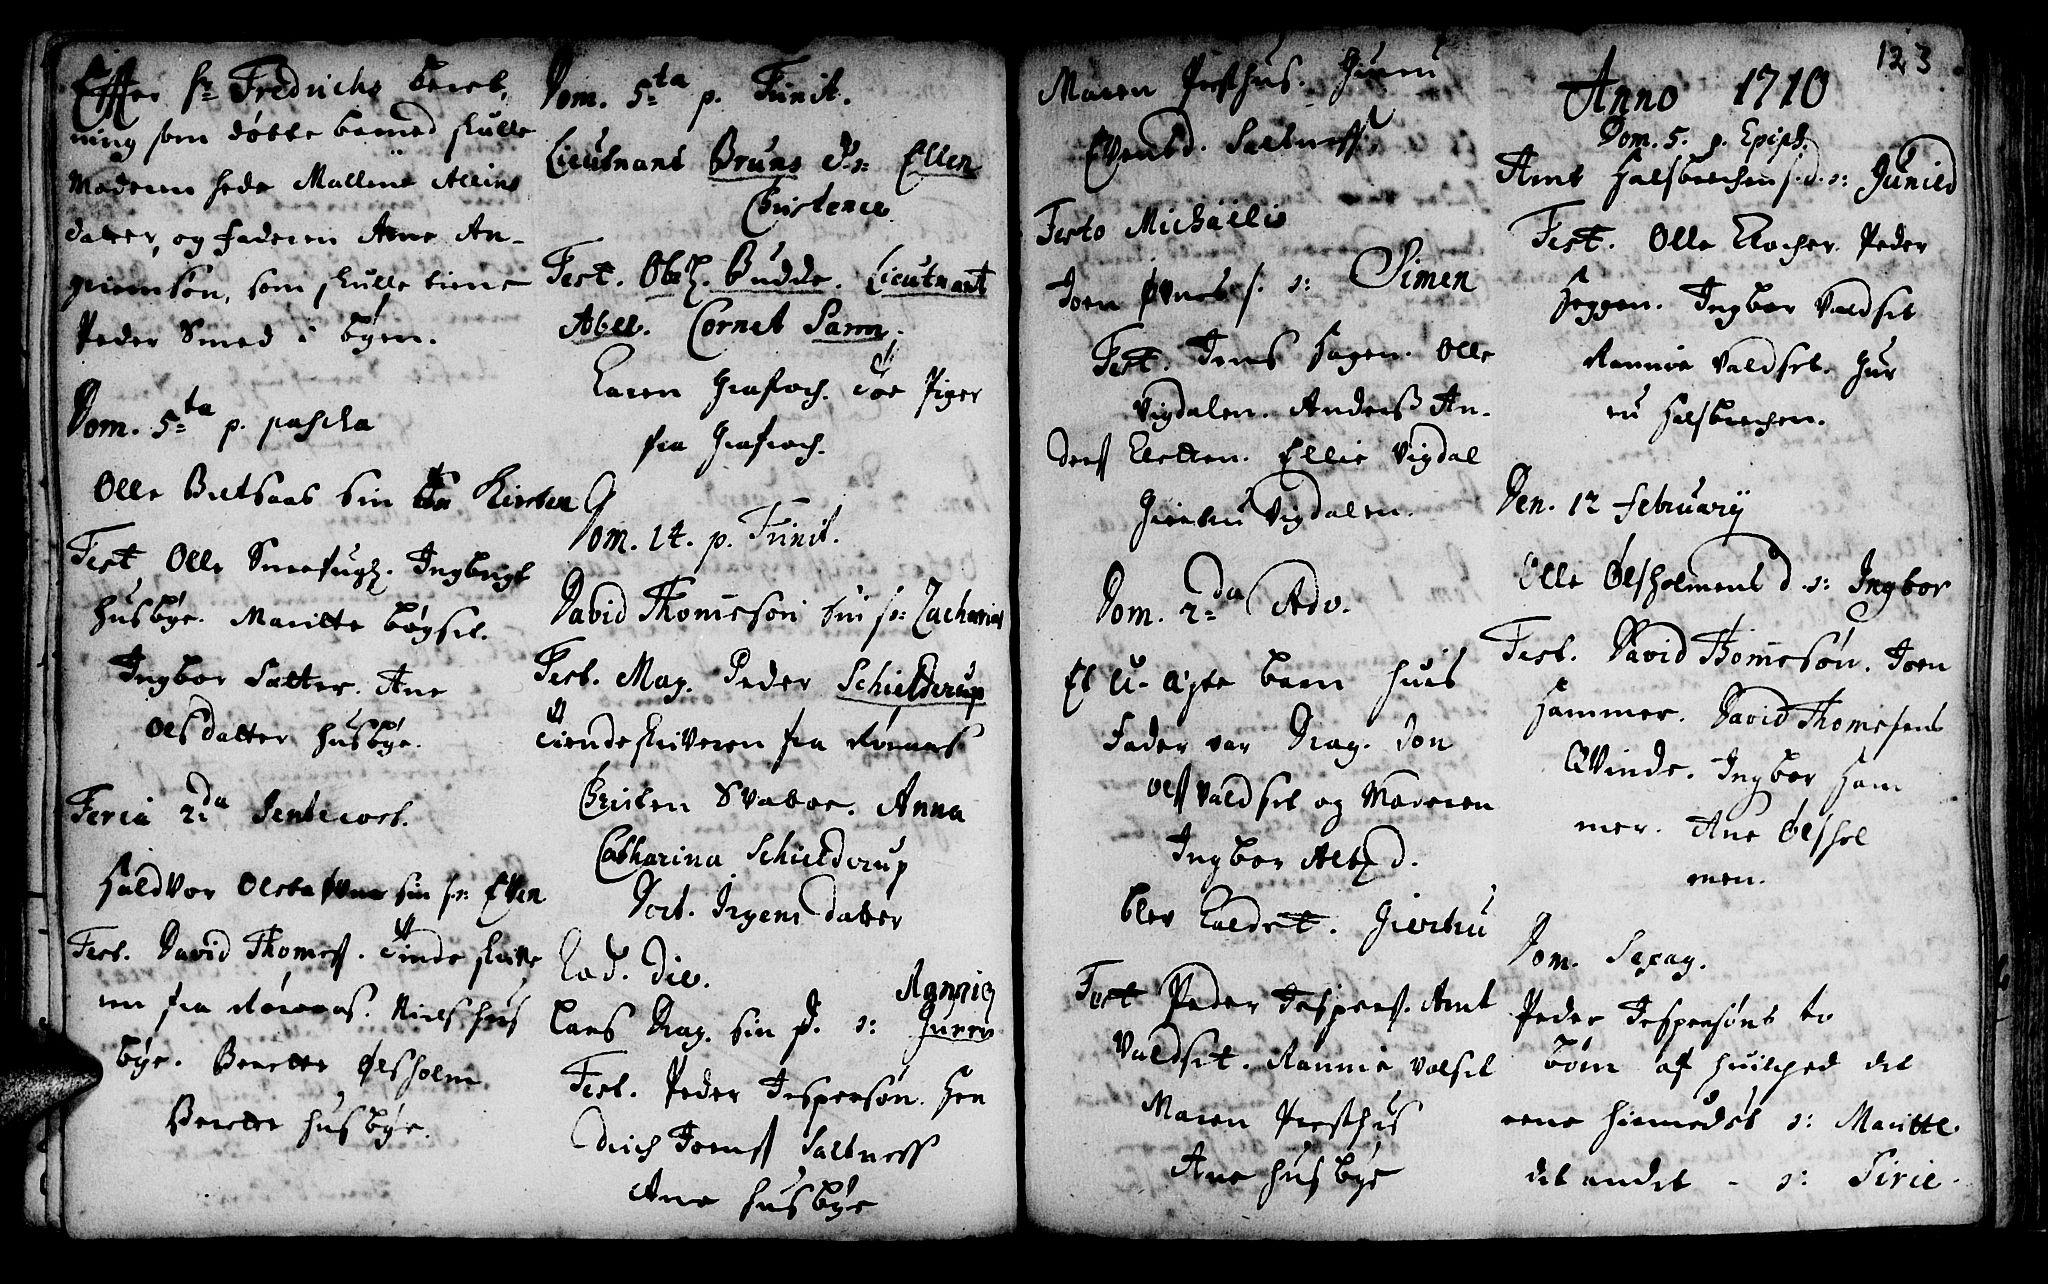 SAT, Ministerialprotokoller, klokkerbøker og fødselsregistre - Sør-Trøndelag, 666/L0783: Ministerialbok nr. 666A01, 1702-1753, s. 123